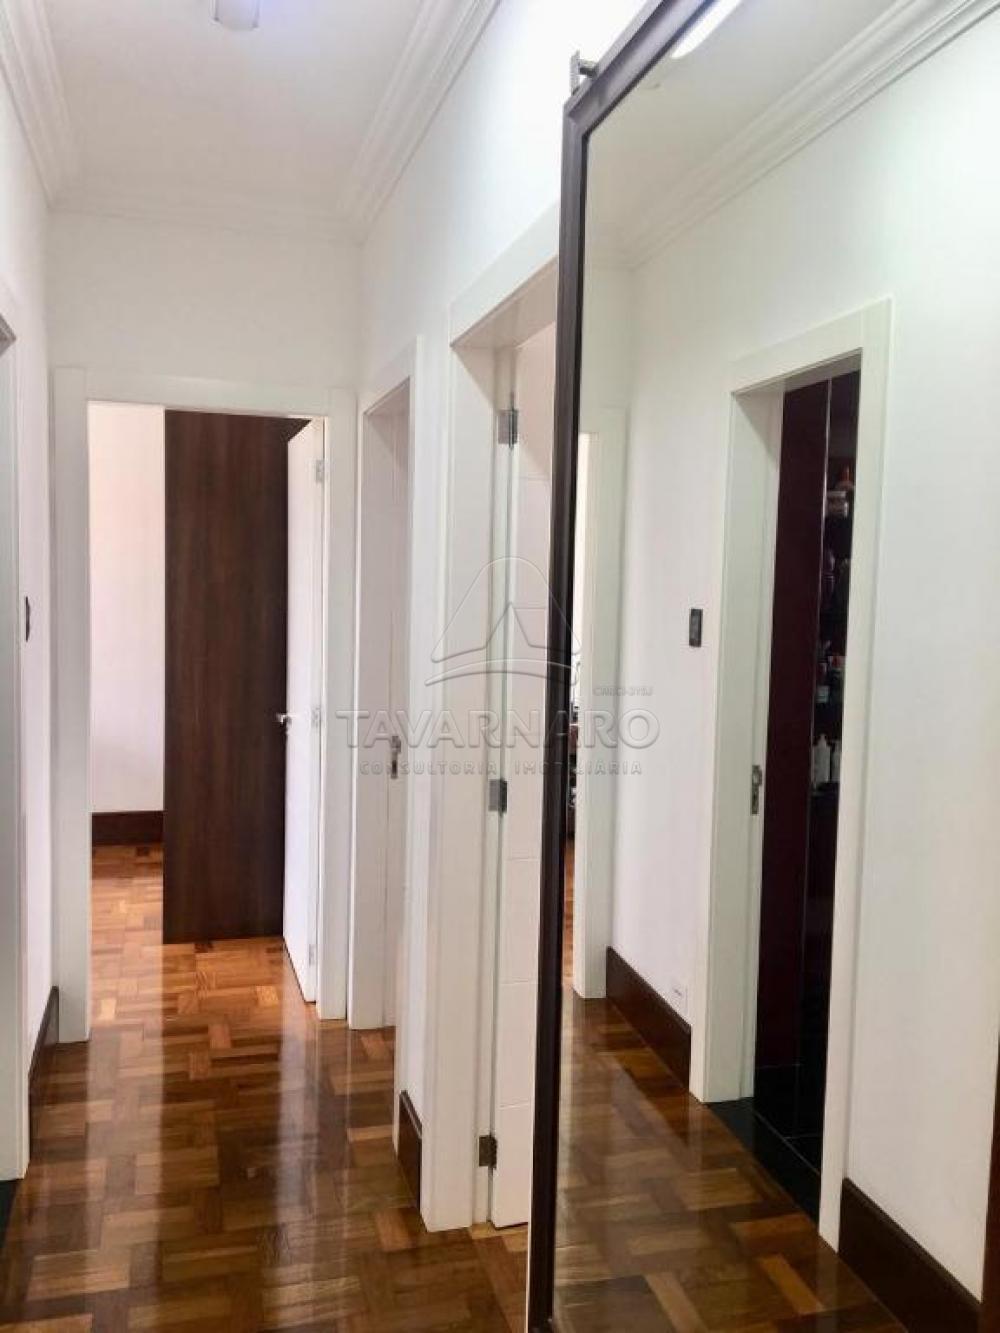 Comprar Apartamento / Padrão em Ponta Grossa R$ 620.000,00 - Foto 12